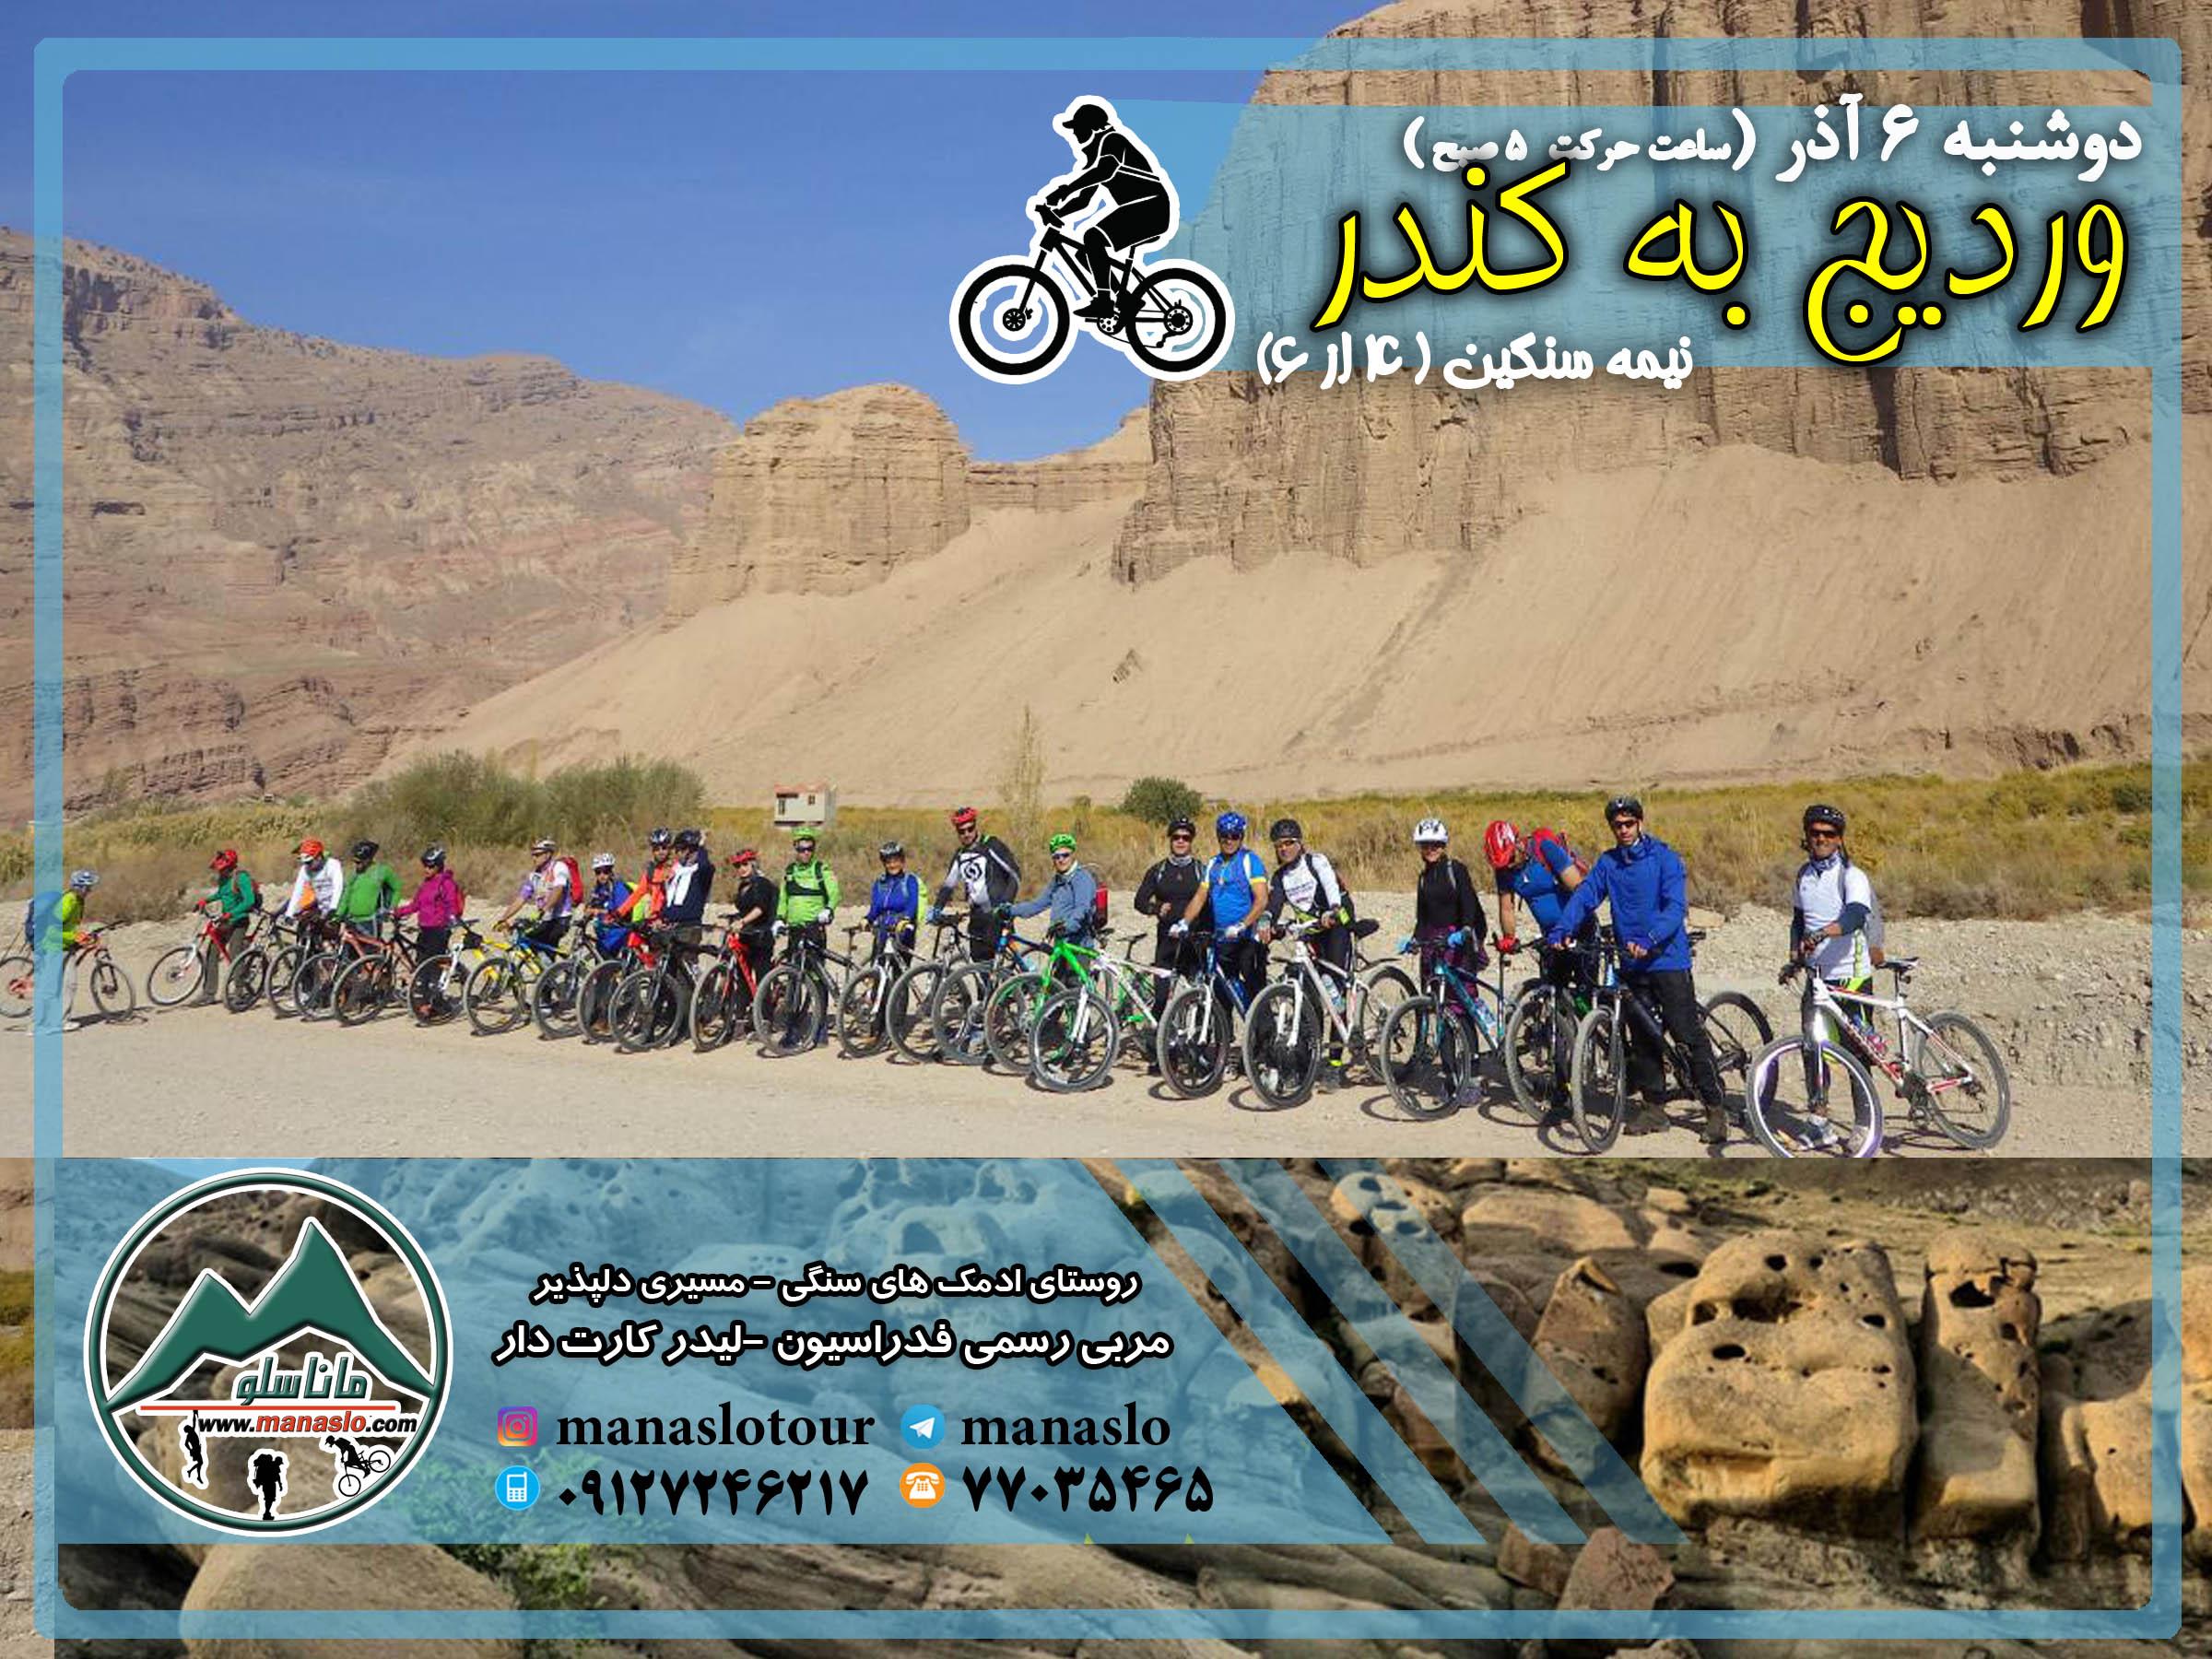 تور دوچرخه سواری وردیج به کندور